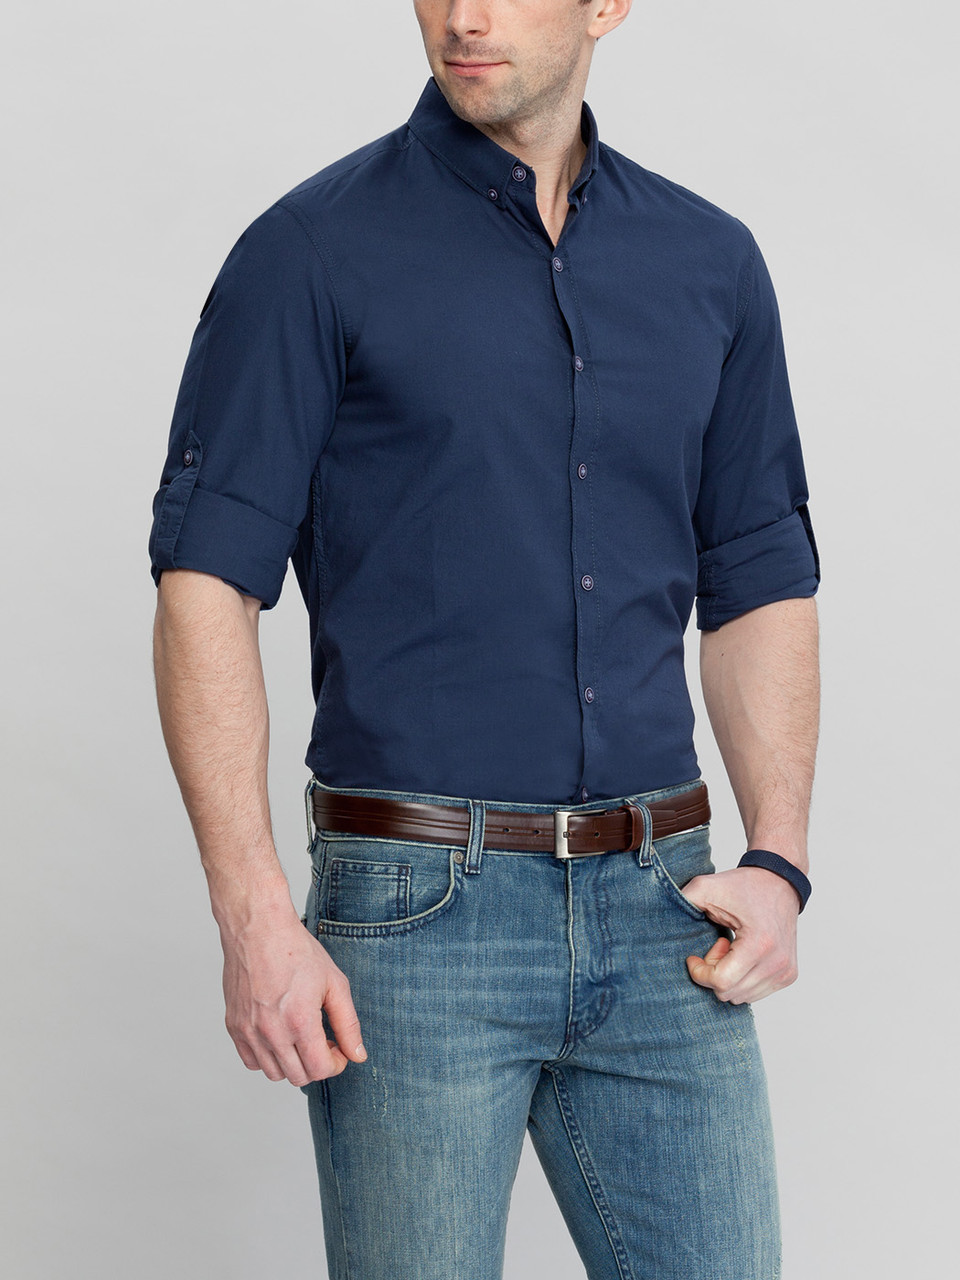 Синяя мужская рубашка LC Waikiki / ЛС Вайкики с пуговицами на воротнике